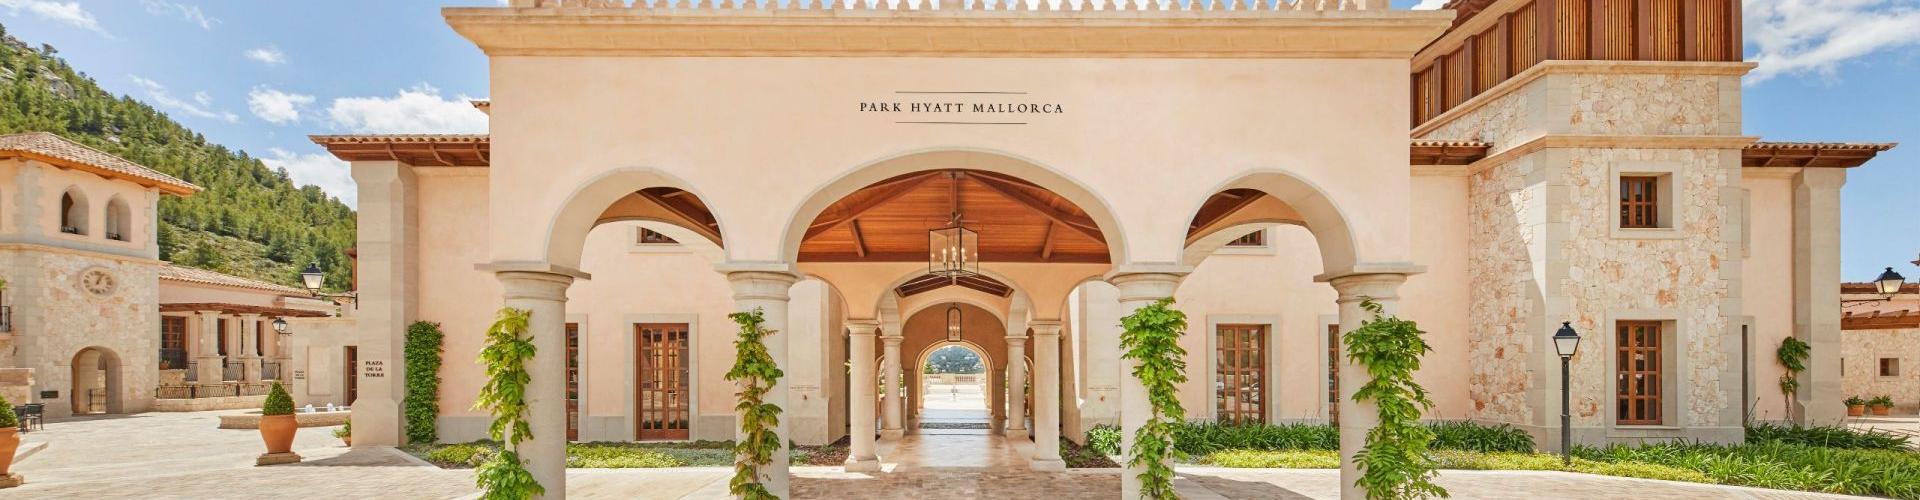 Park HYATT Mallorca zum HYATT Privé Preis